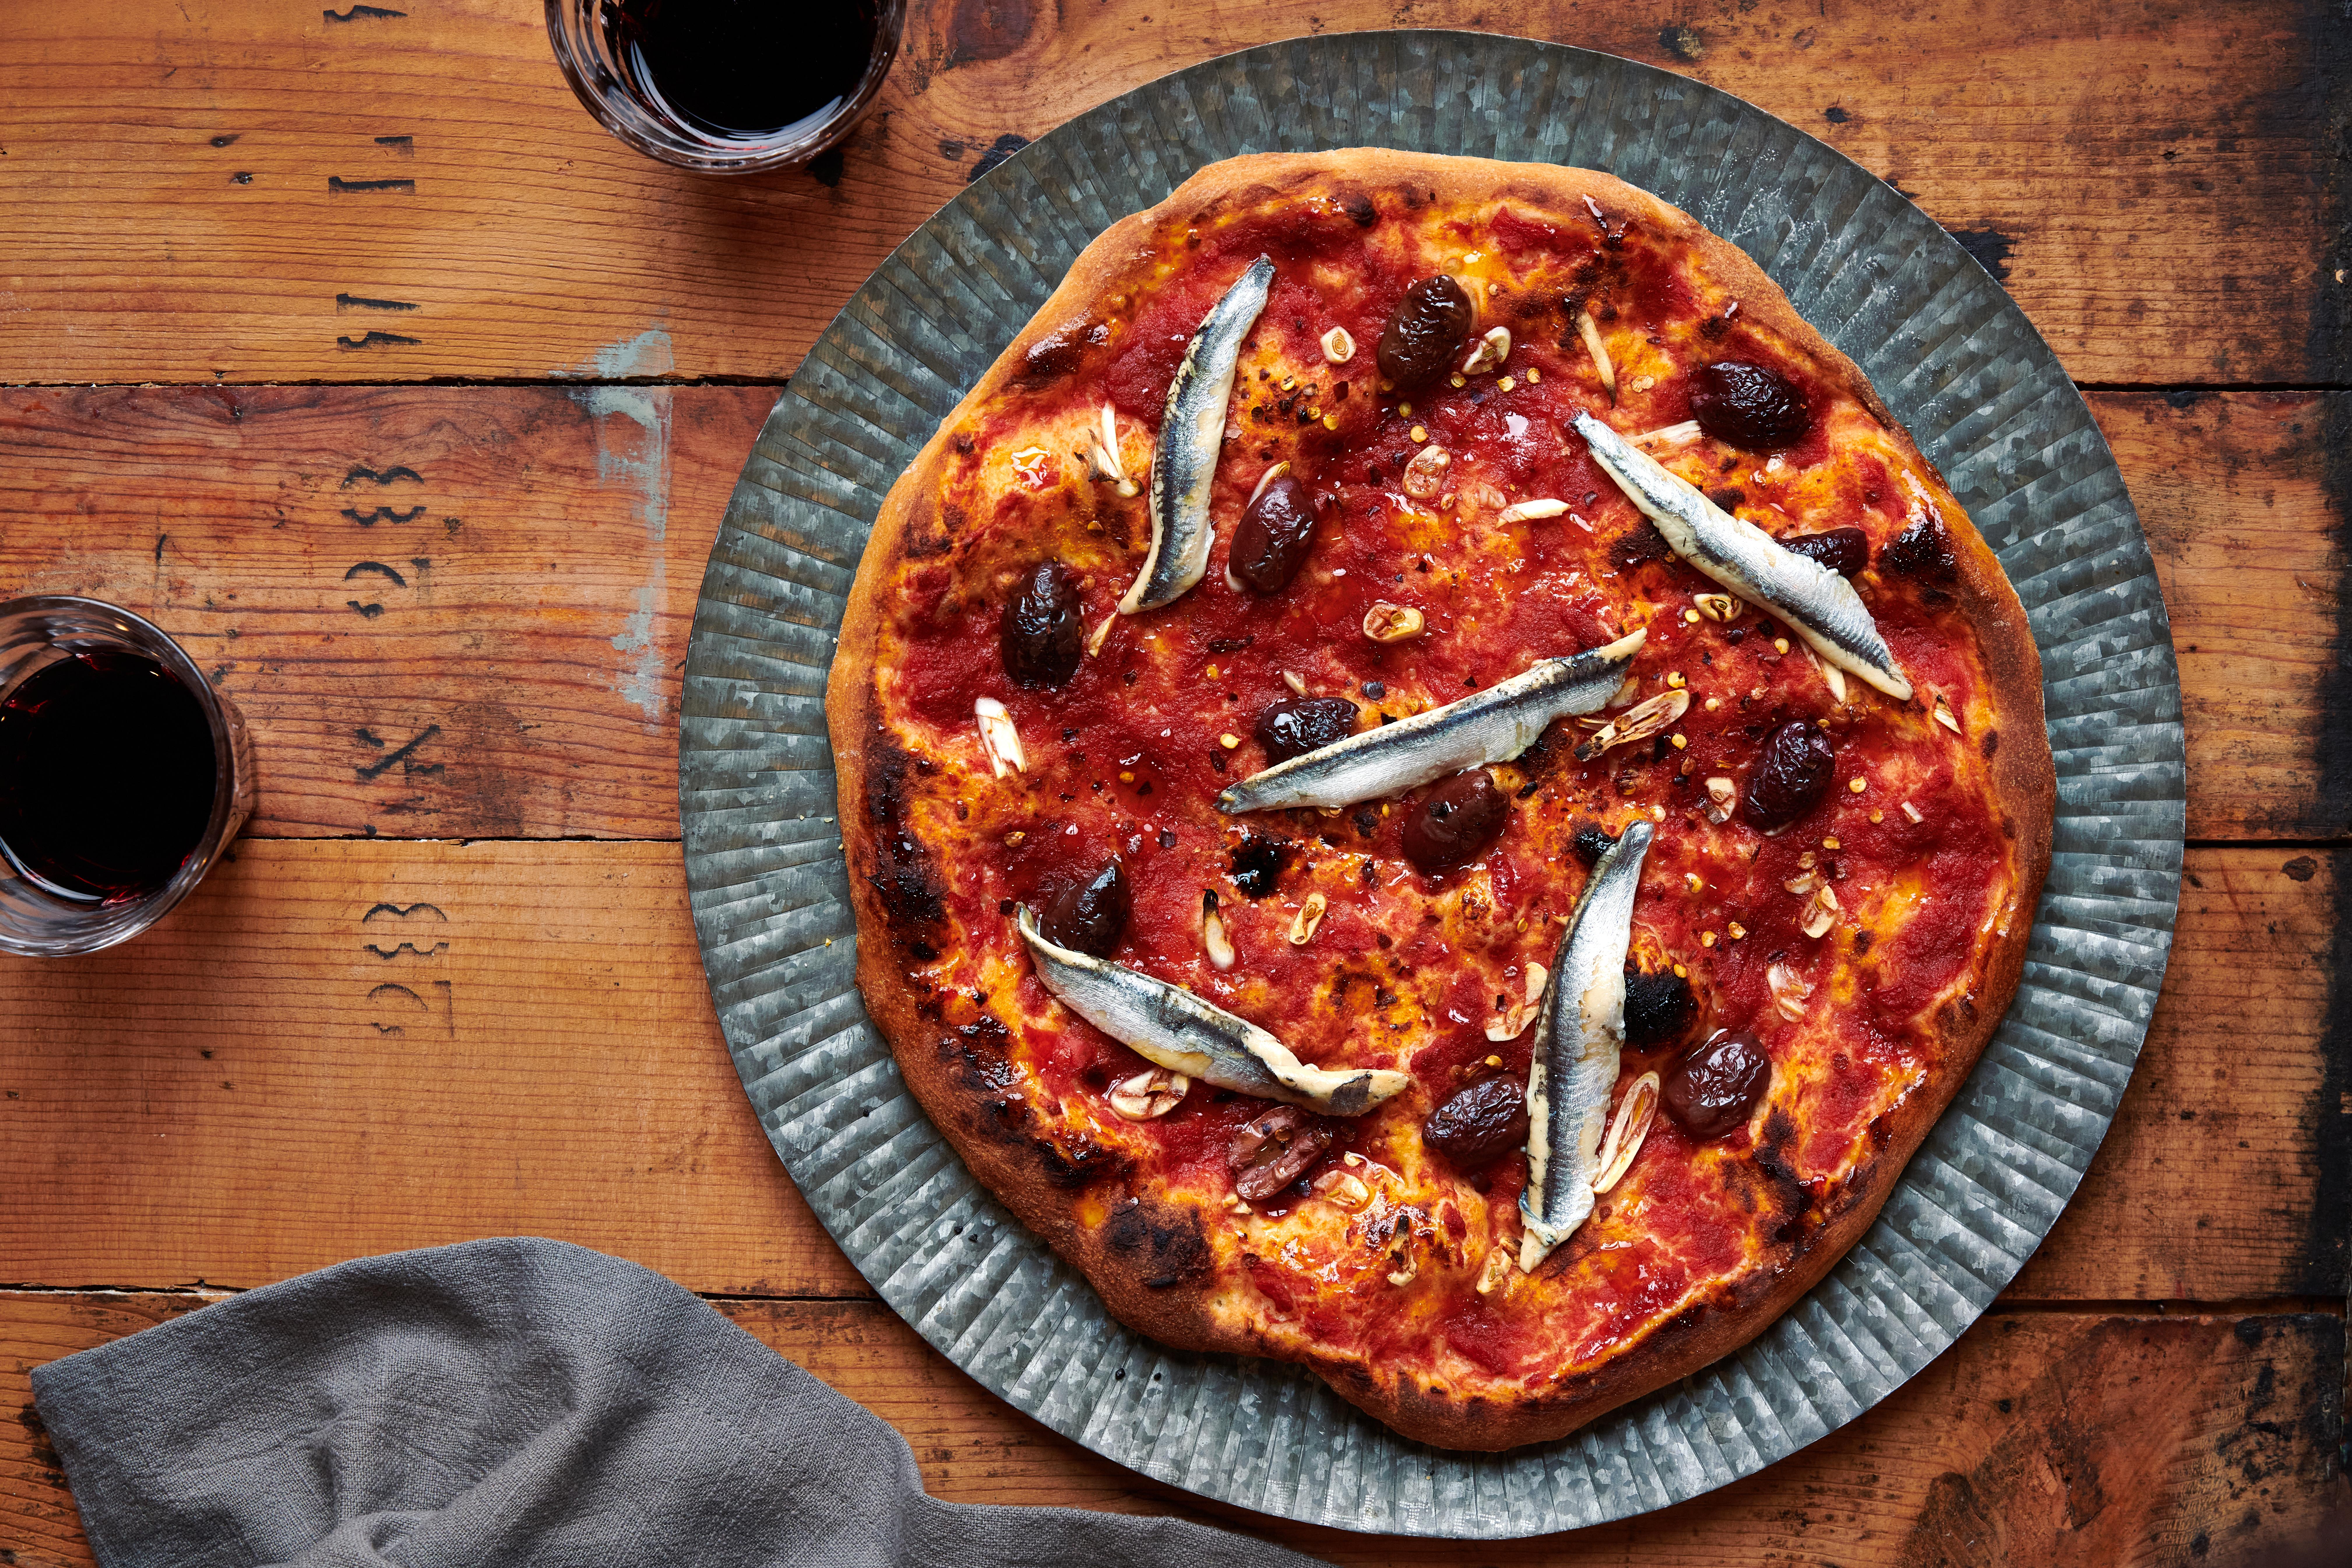 披萨配上西红柿酱,白色凤尾鱼和橄榄坐在一张木桌,与两杯红葡萄酒和灰色的餐巾。